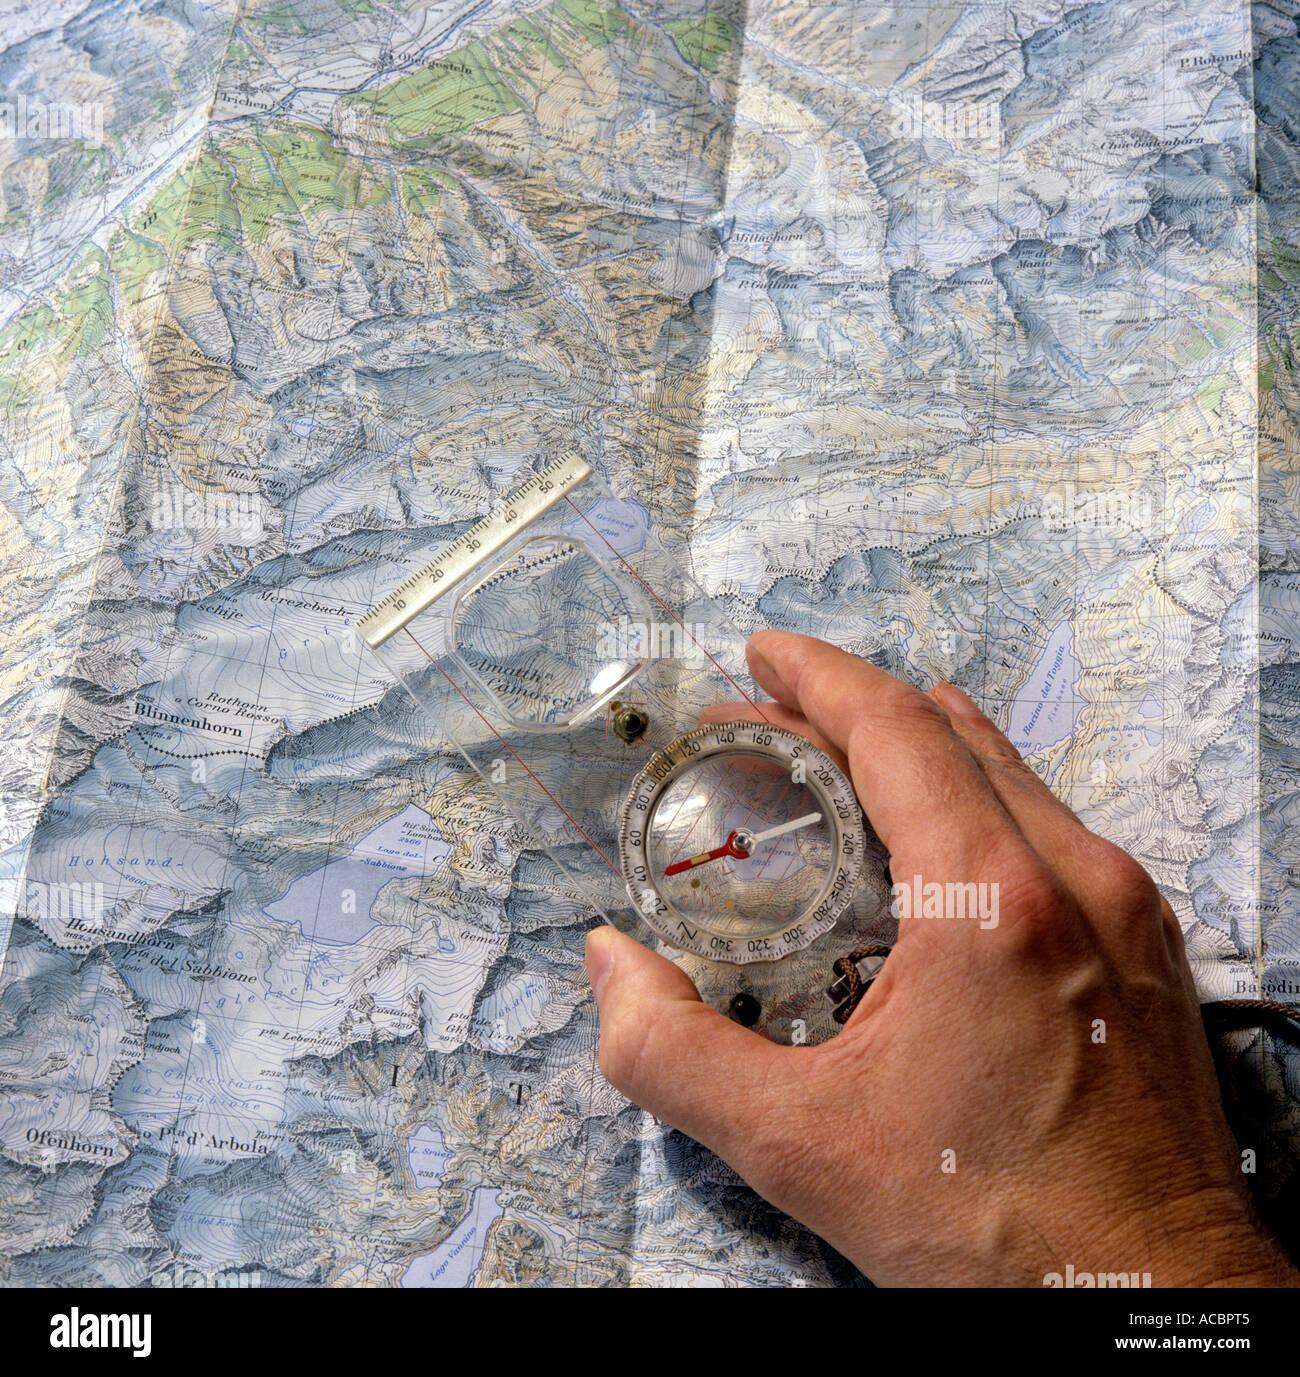 Boussole et carte pour la planification mountain tour mont blinnenhorn alpes suisses canton du Valais Suisse editorial Utilisez uniquement Photo Stock